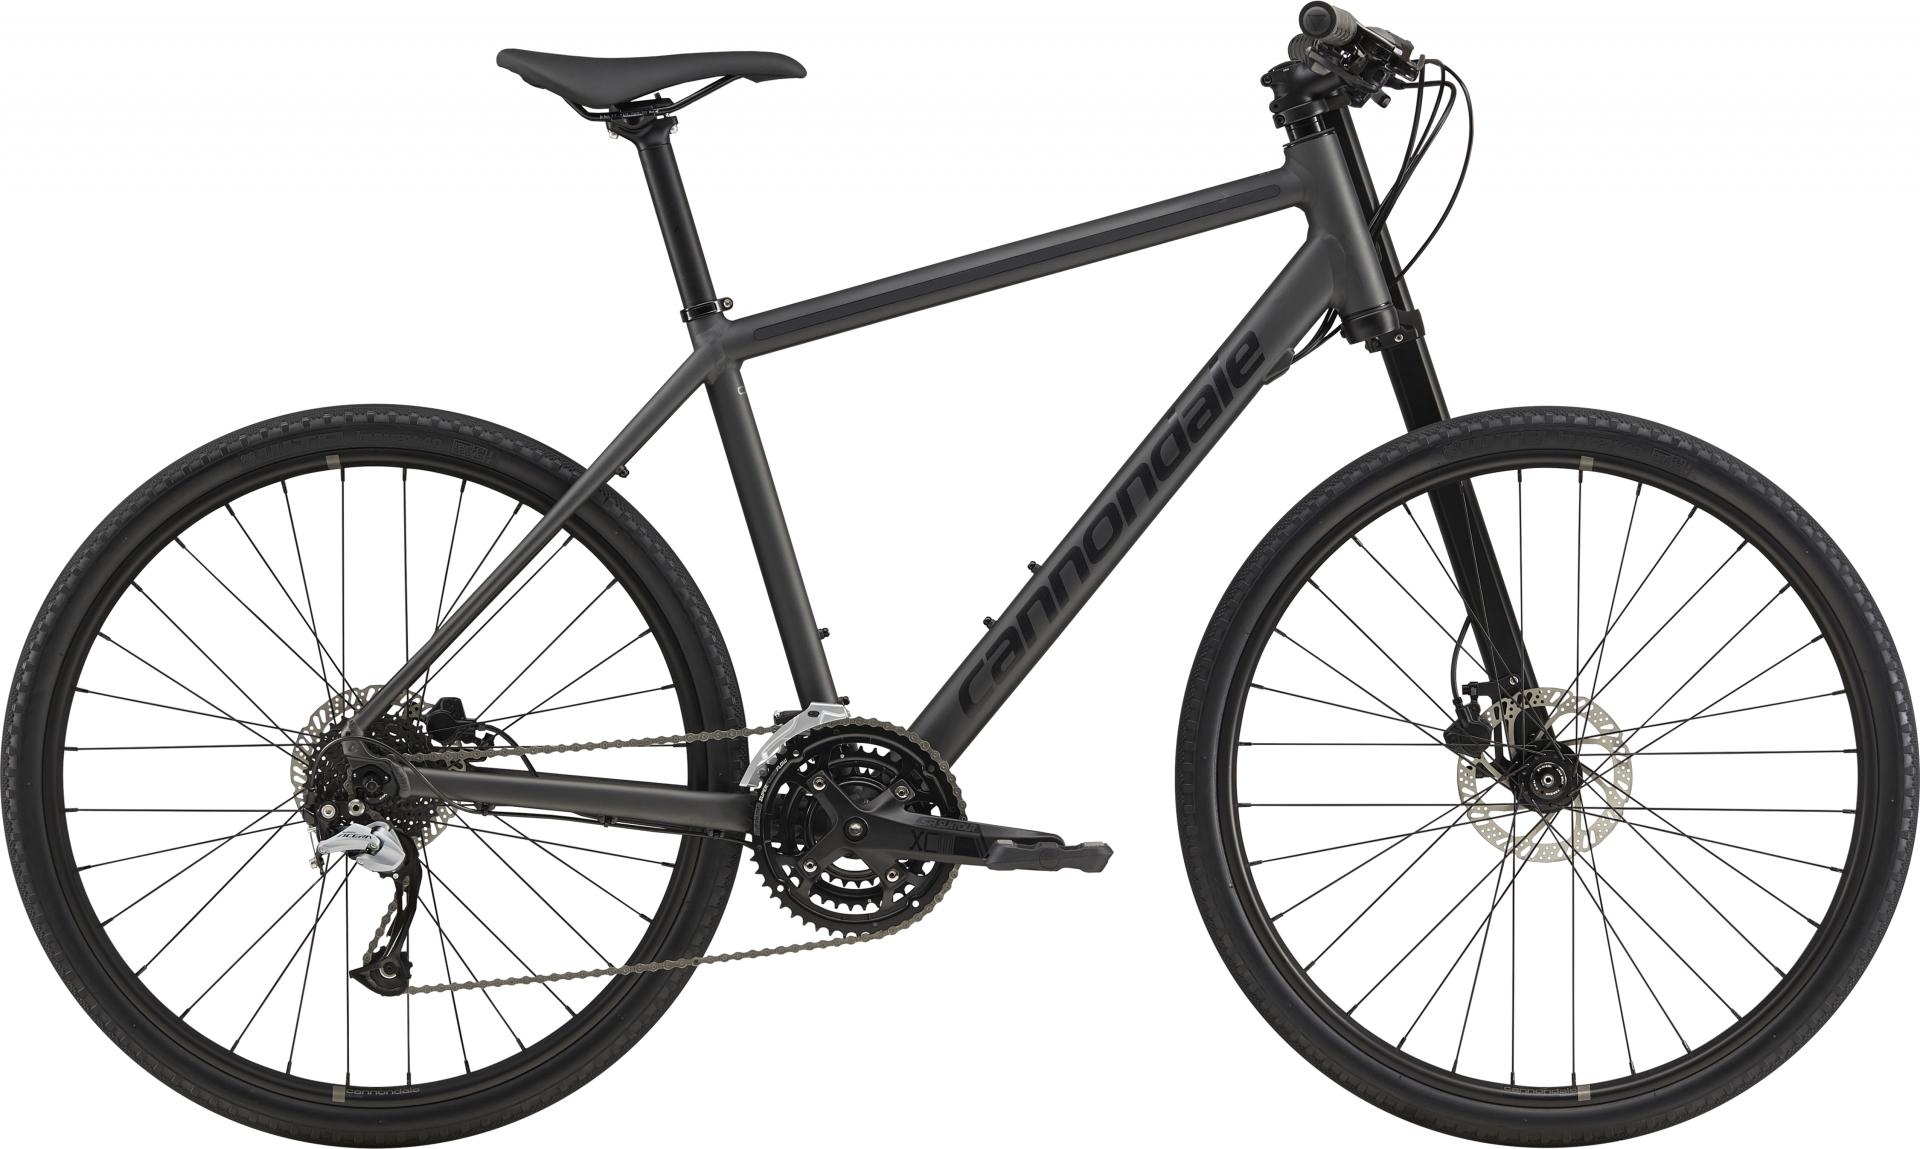 Vélo urbain Cannondale Bad Boy 2 27.5 Noir mat BBQ - M